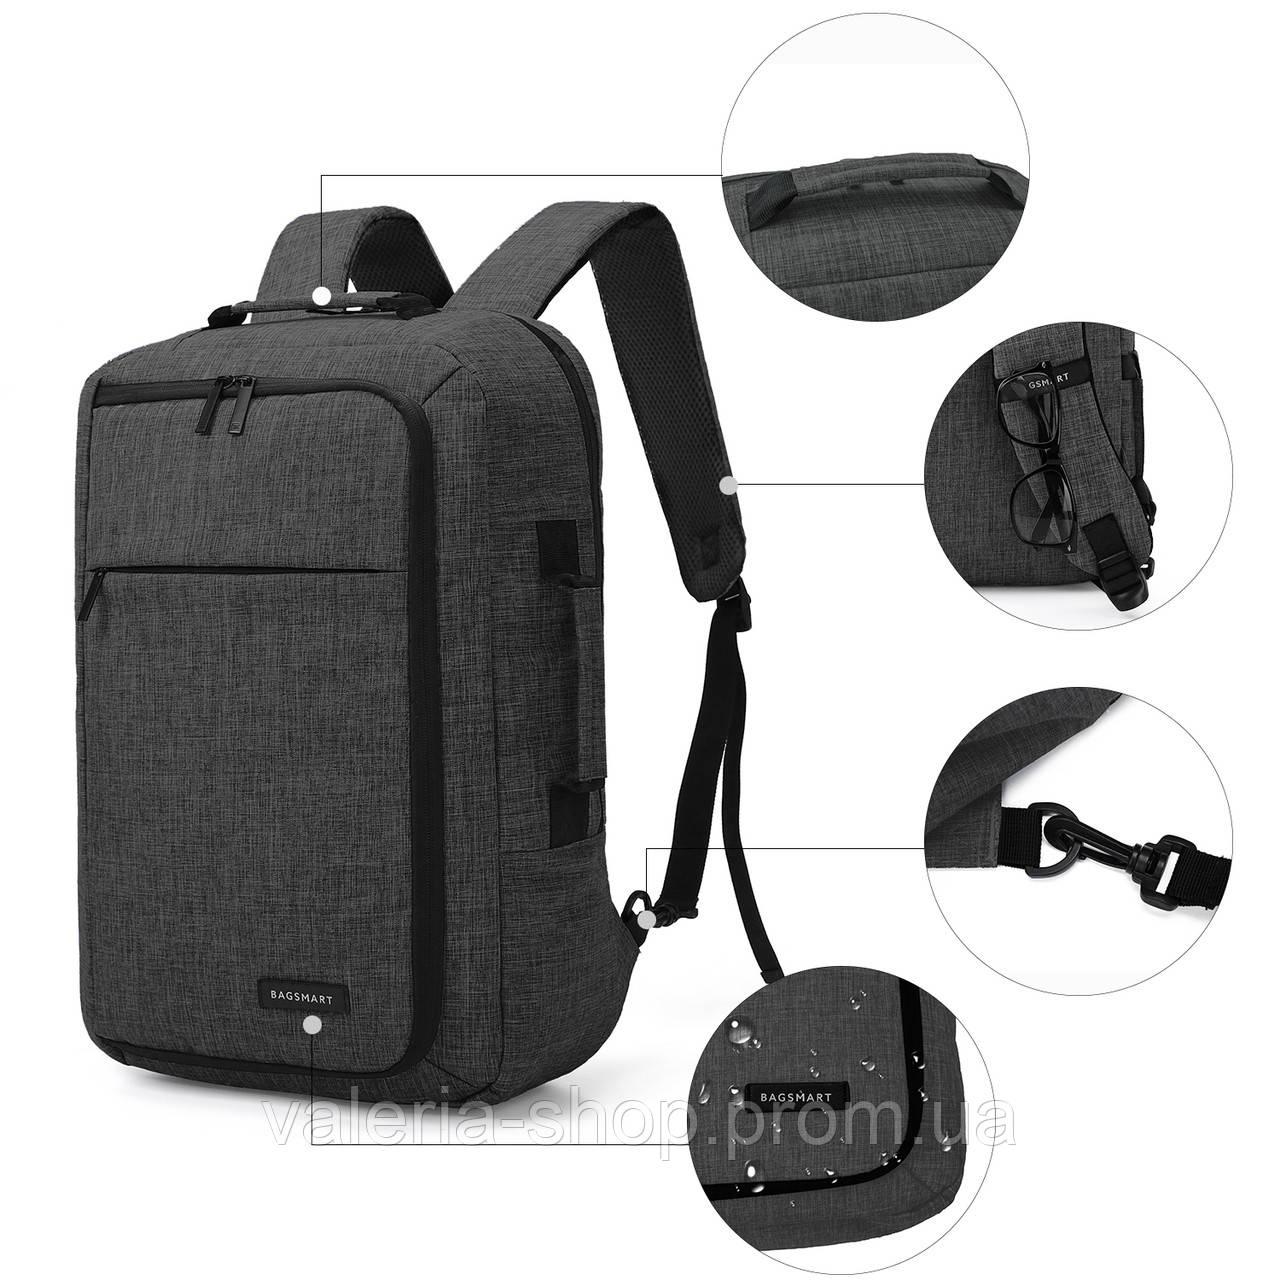 Рюкзак для ноутбука 15.6″ Pomona Bagsmart черный